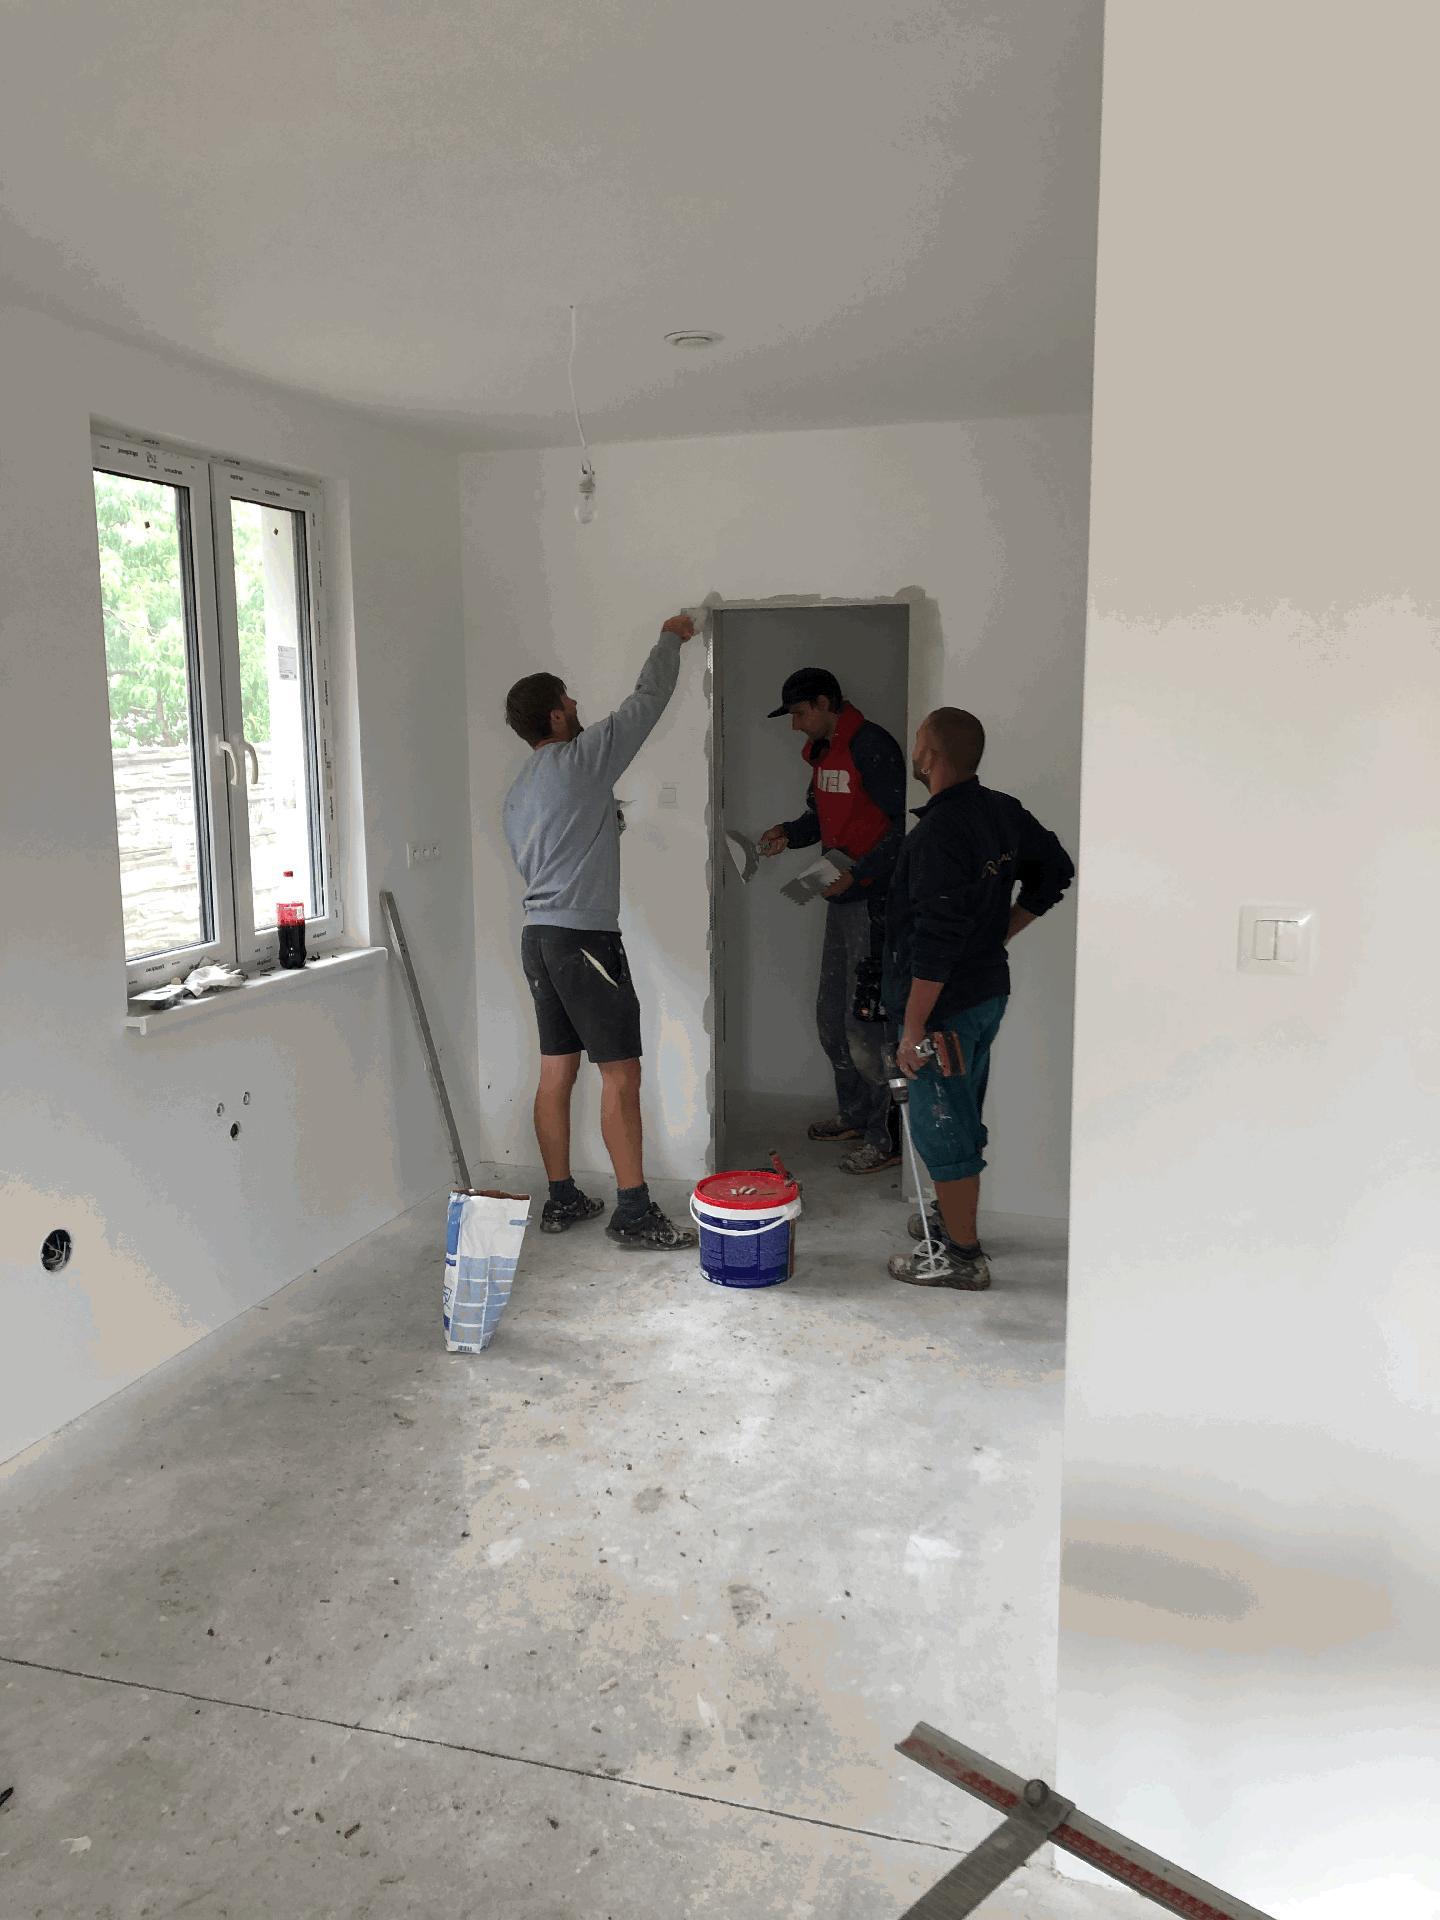 Naše prvé vlastné bývanie - Tento otvor bude musieť byť bez zárubne, tak ho páni robia traja =-)  jeden robí, druhý sa tvári že robí a tretí dohliada :D